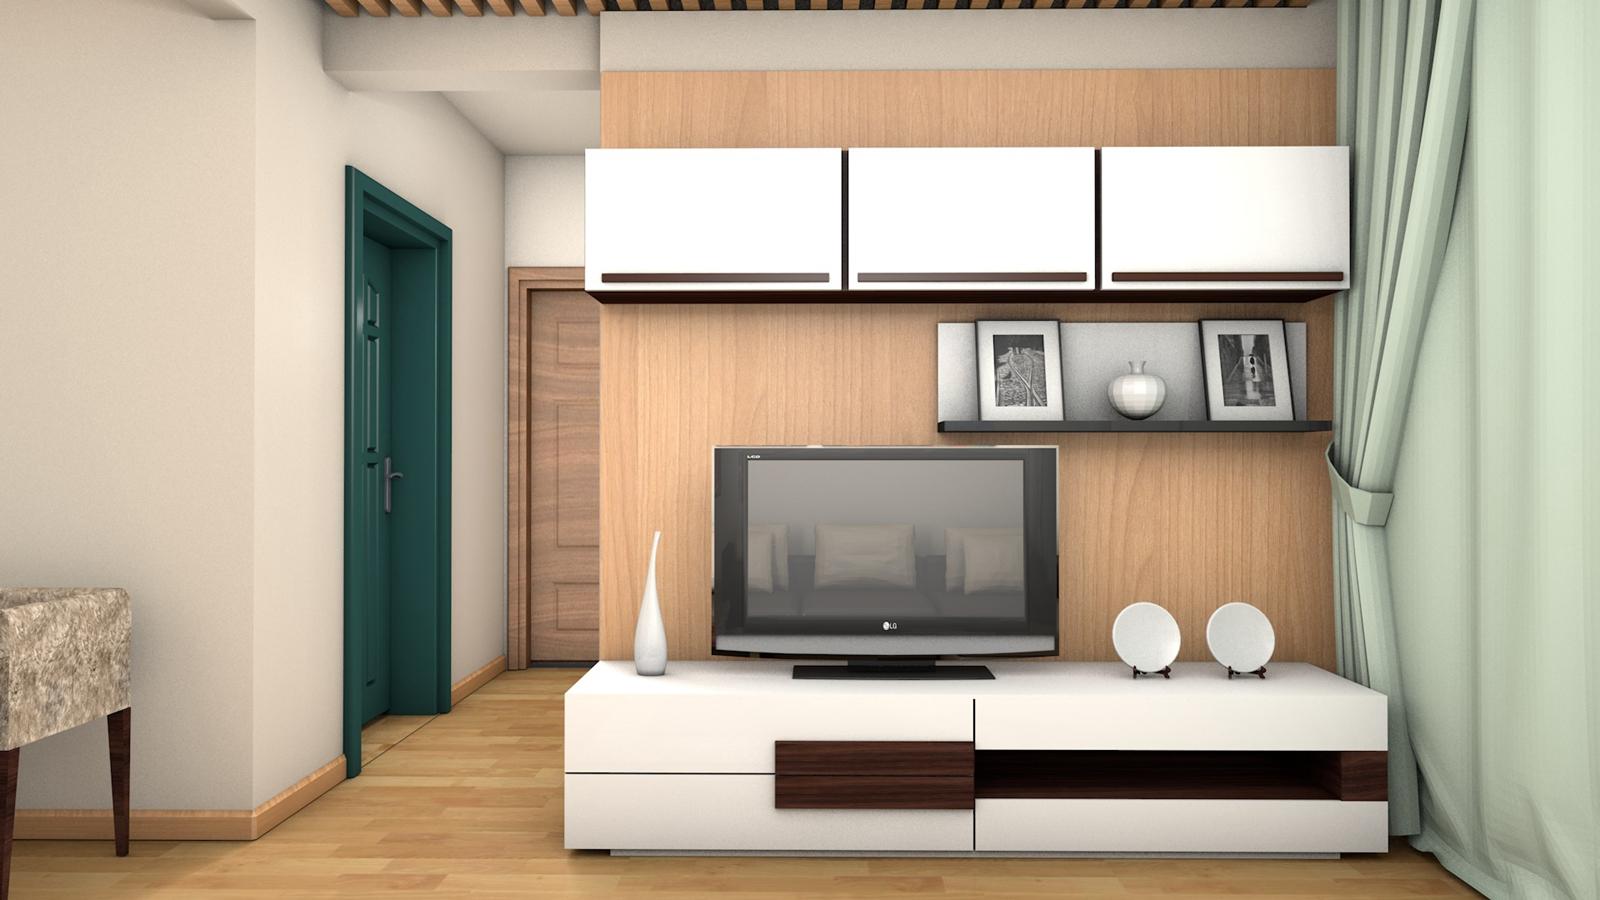 【客厅】电视机背景墙——木板上墙/木饰面贴皮,后期因费用问题及效果